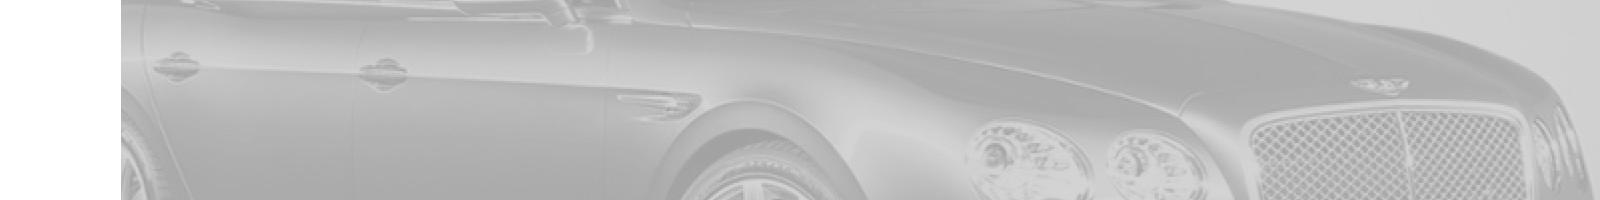 Vehículos de importación de alta gama